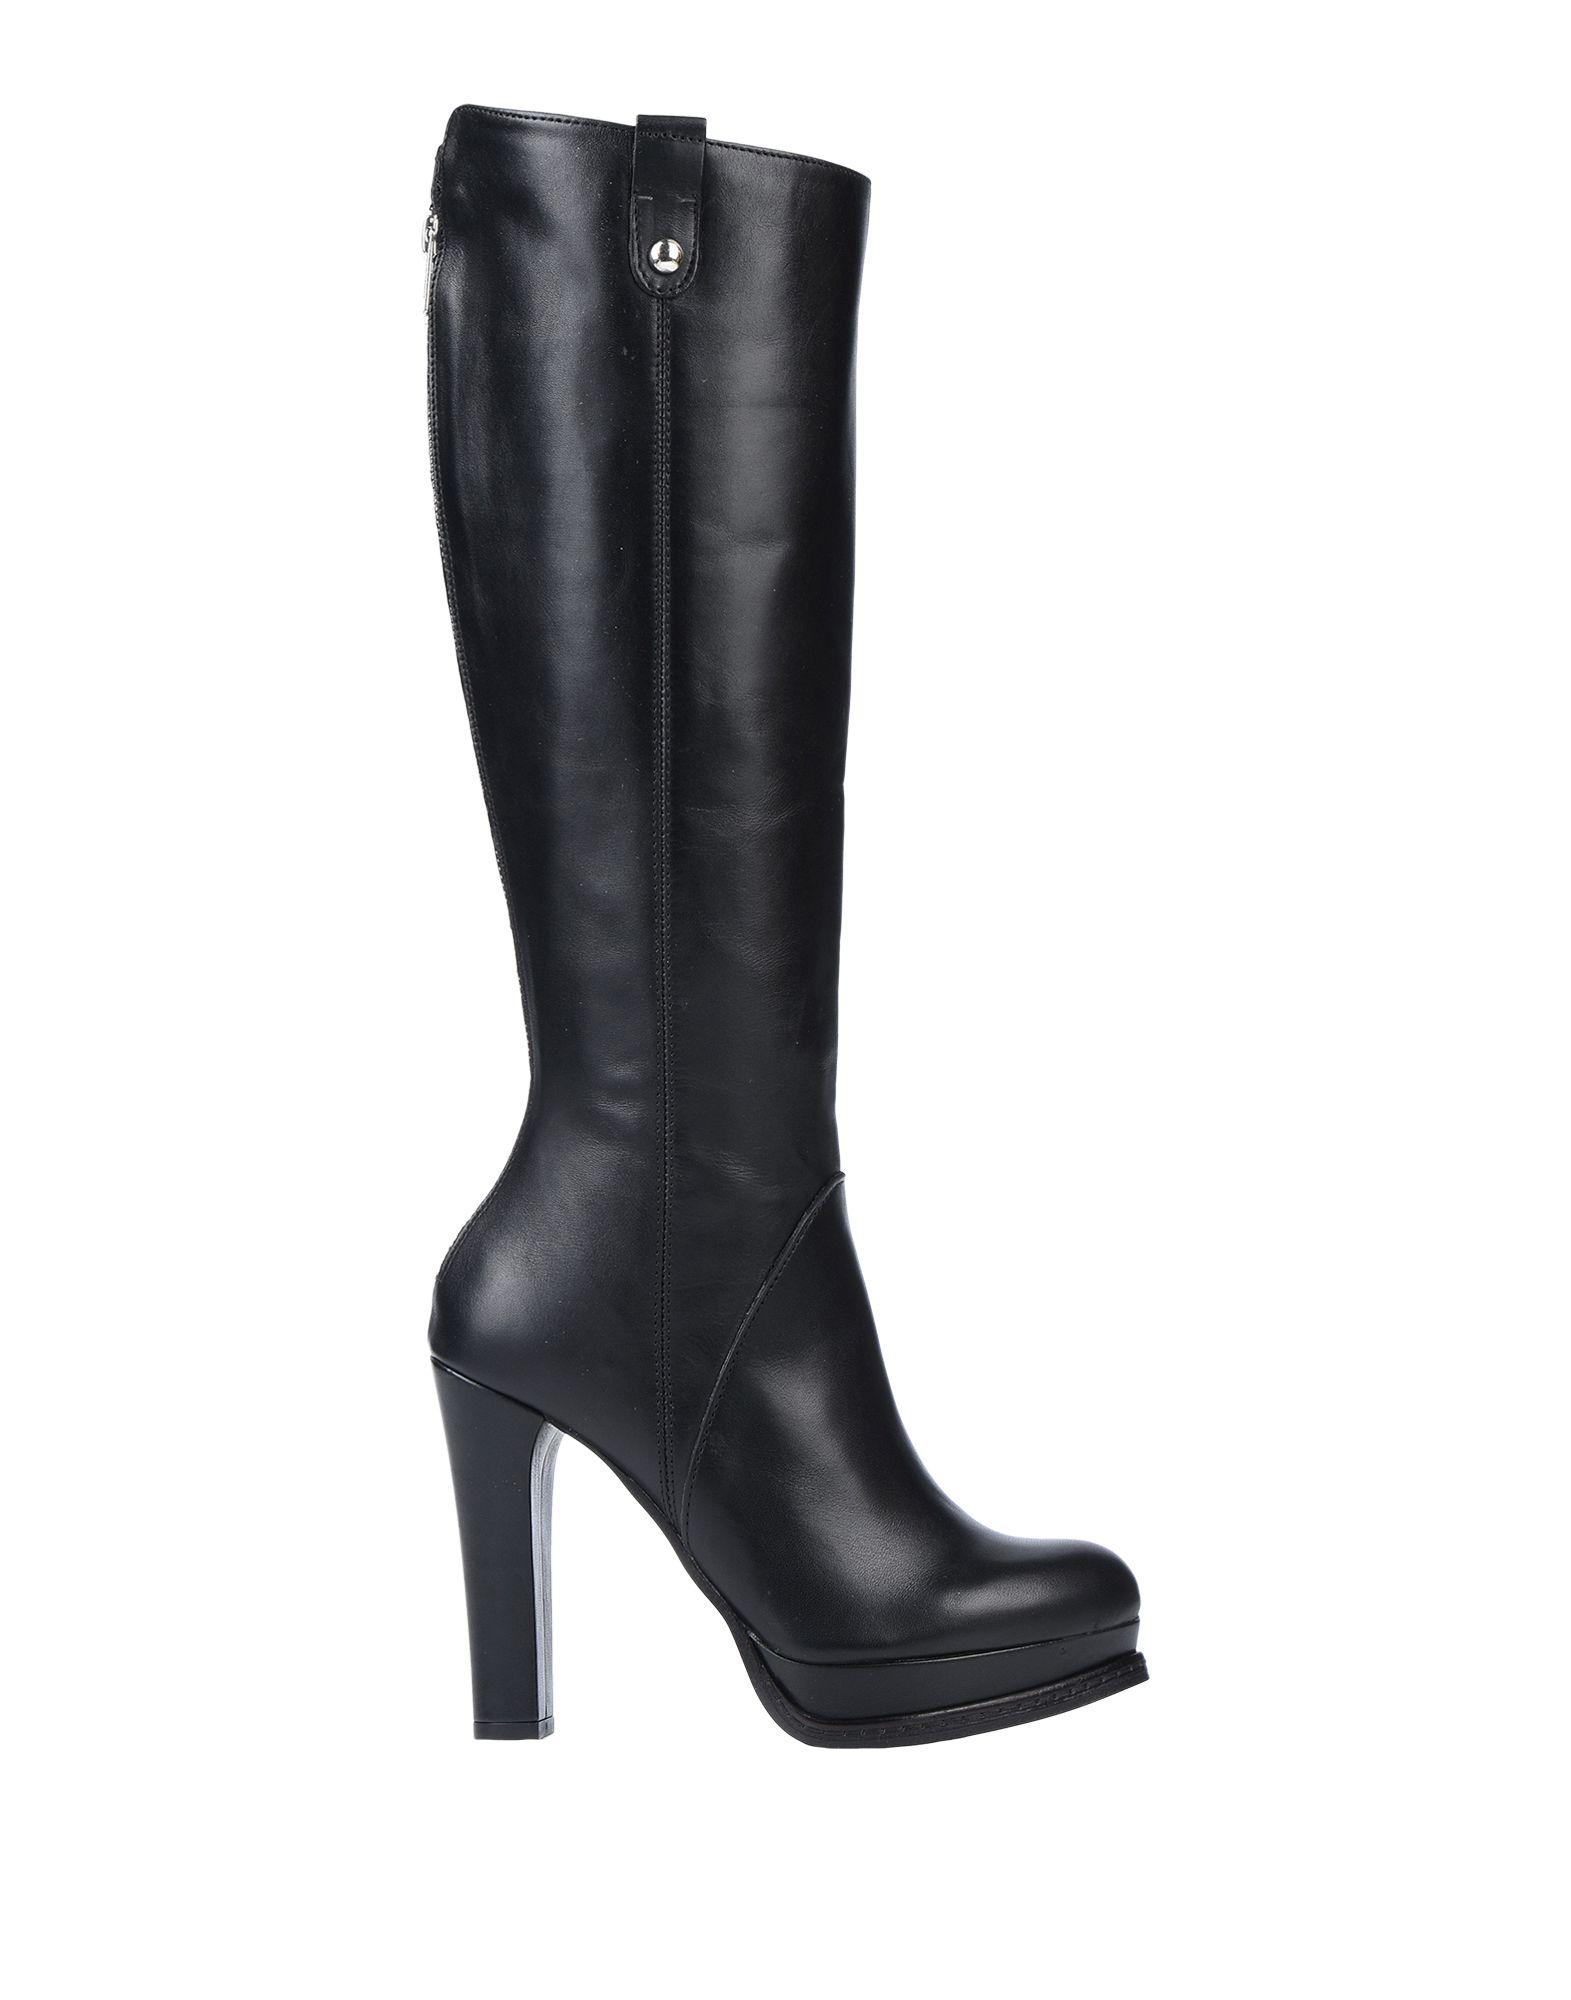 Stiefel Formentini damen - 11749074SN